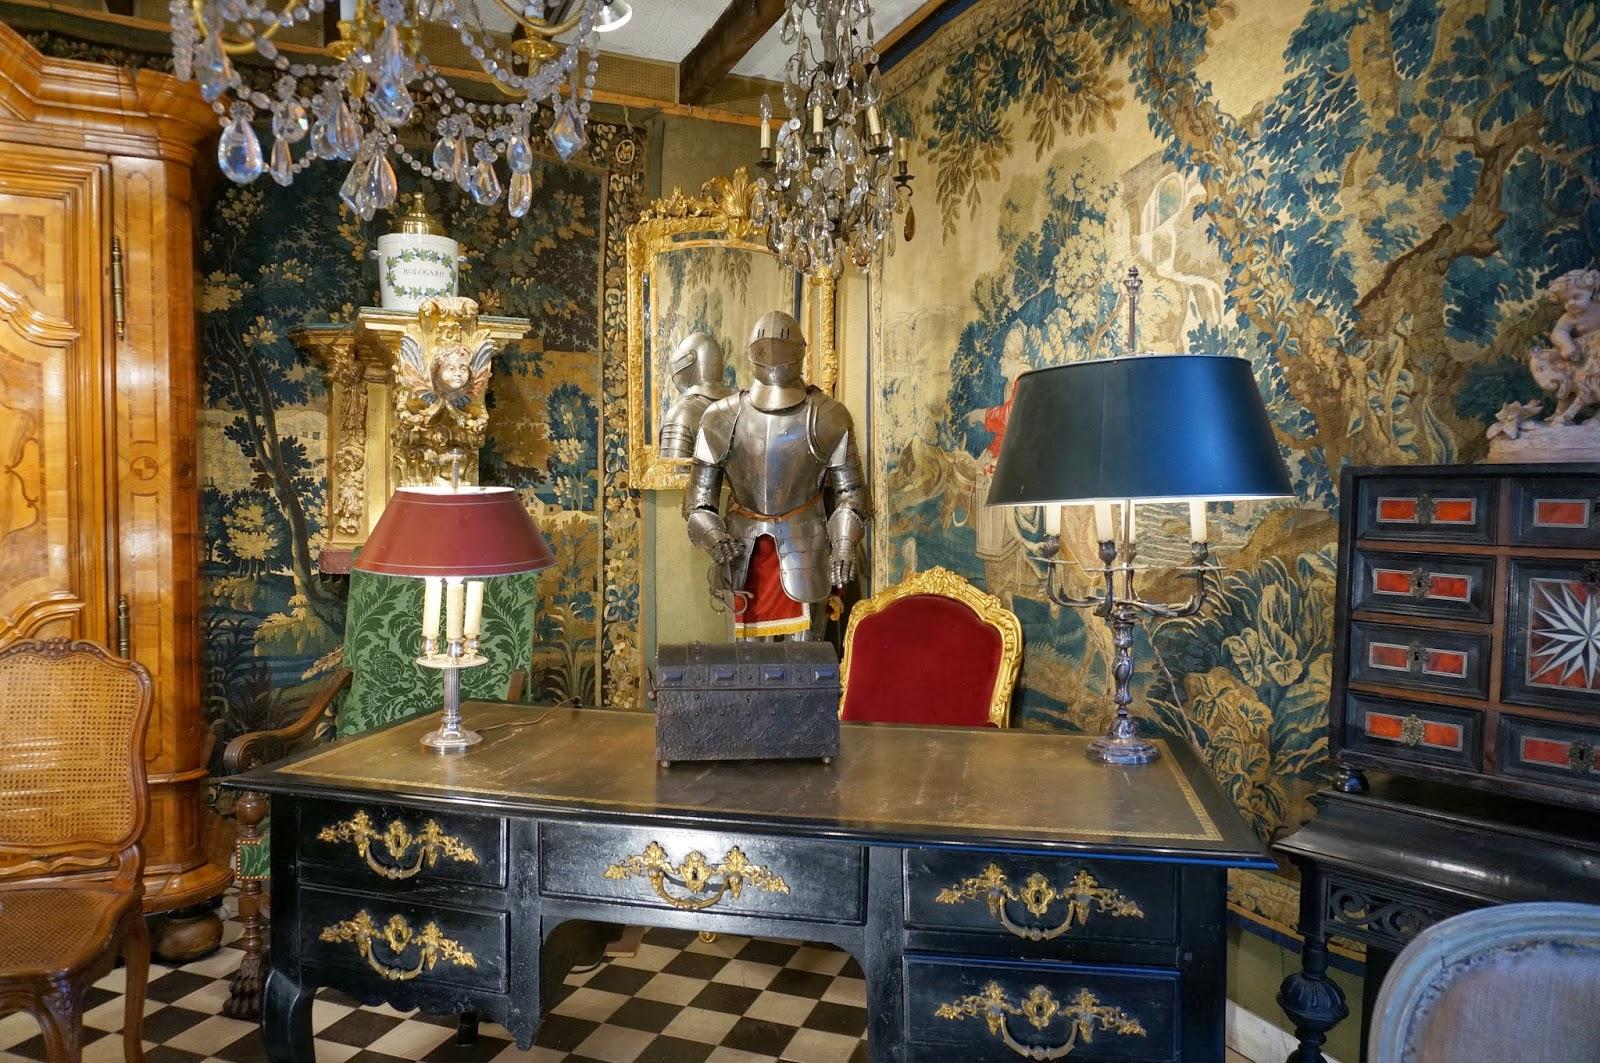 vignette design shopping the paris brocante. Black Bedroom Furniture Sets. Home Design Ideas